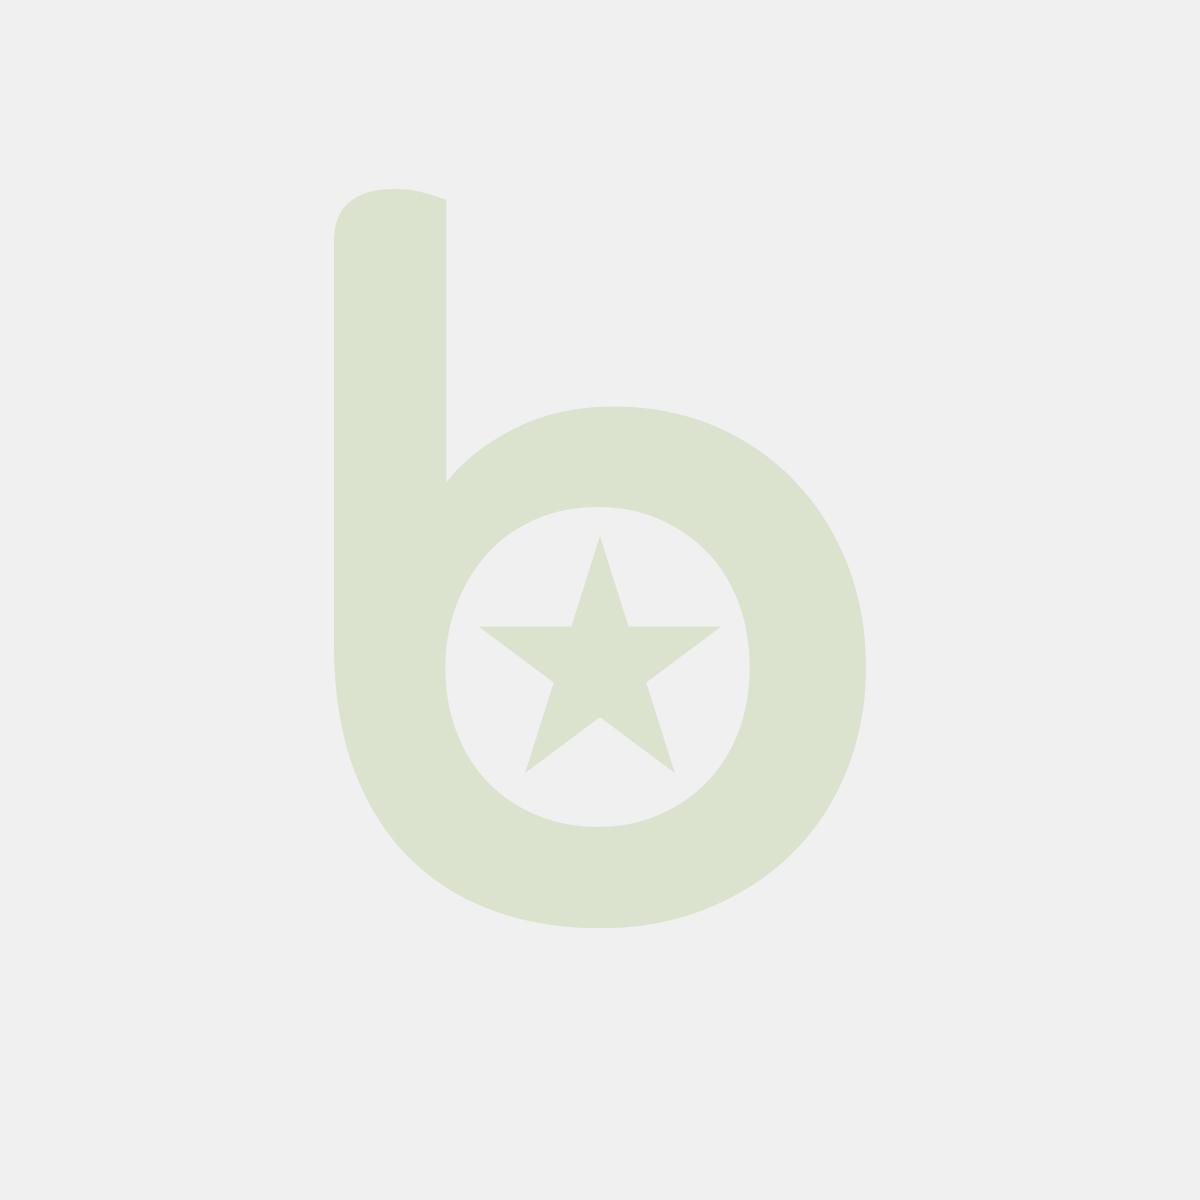 Torba klockowa biała 310x170x340 z uchem skręcanym